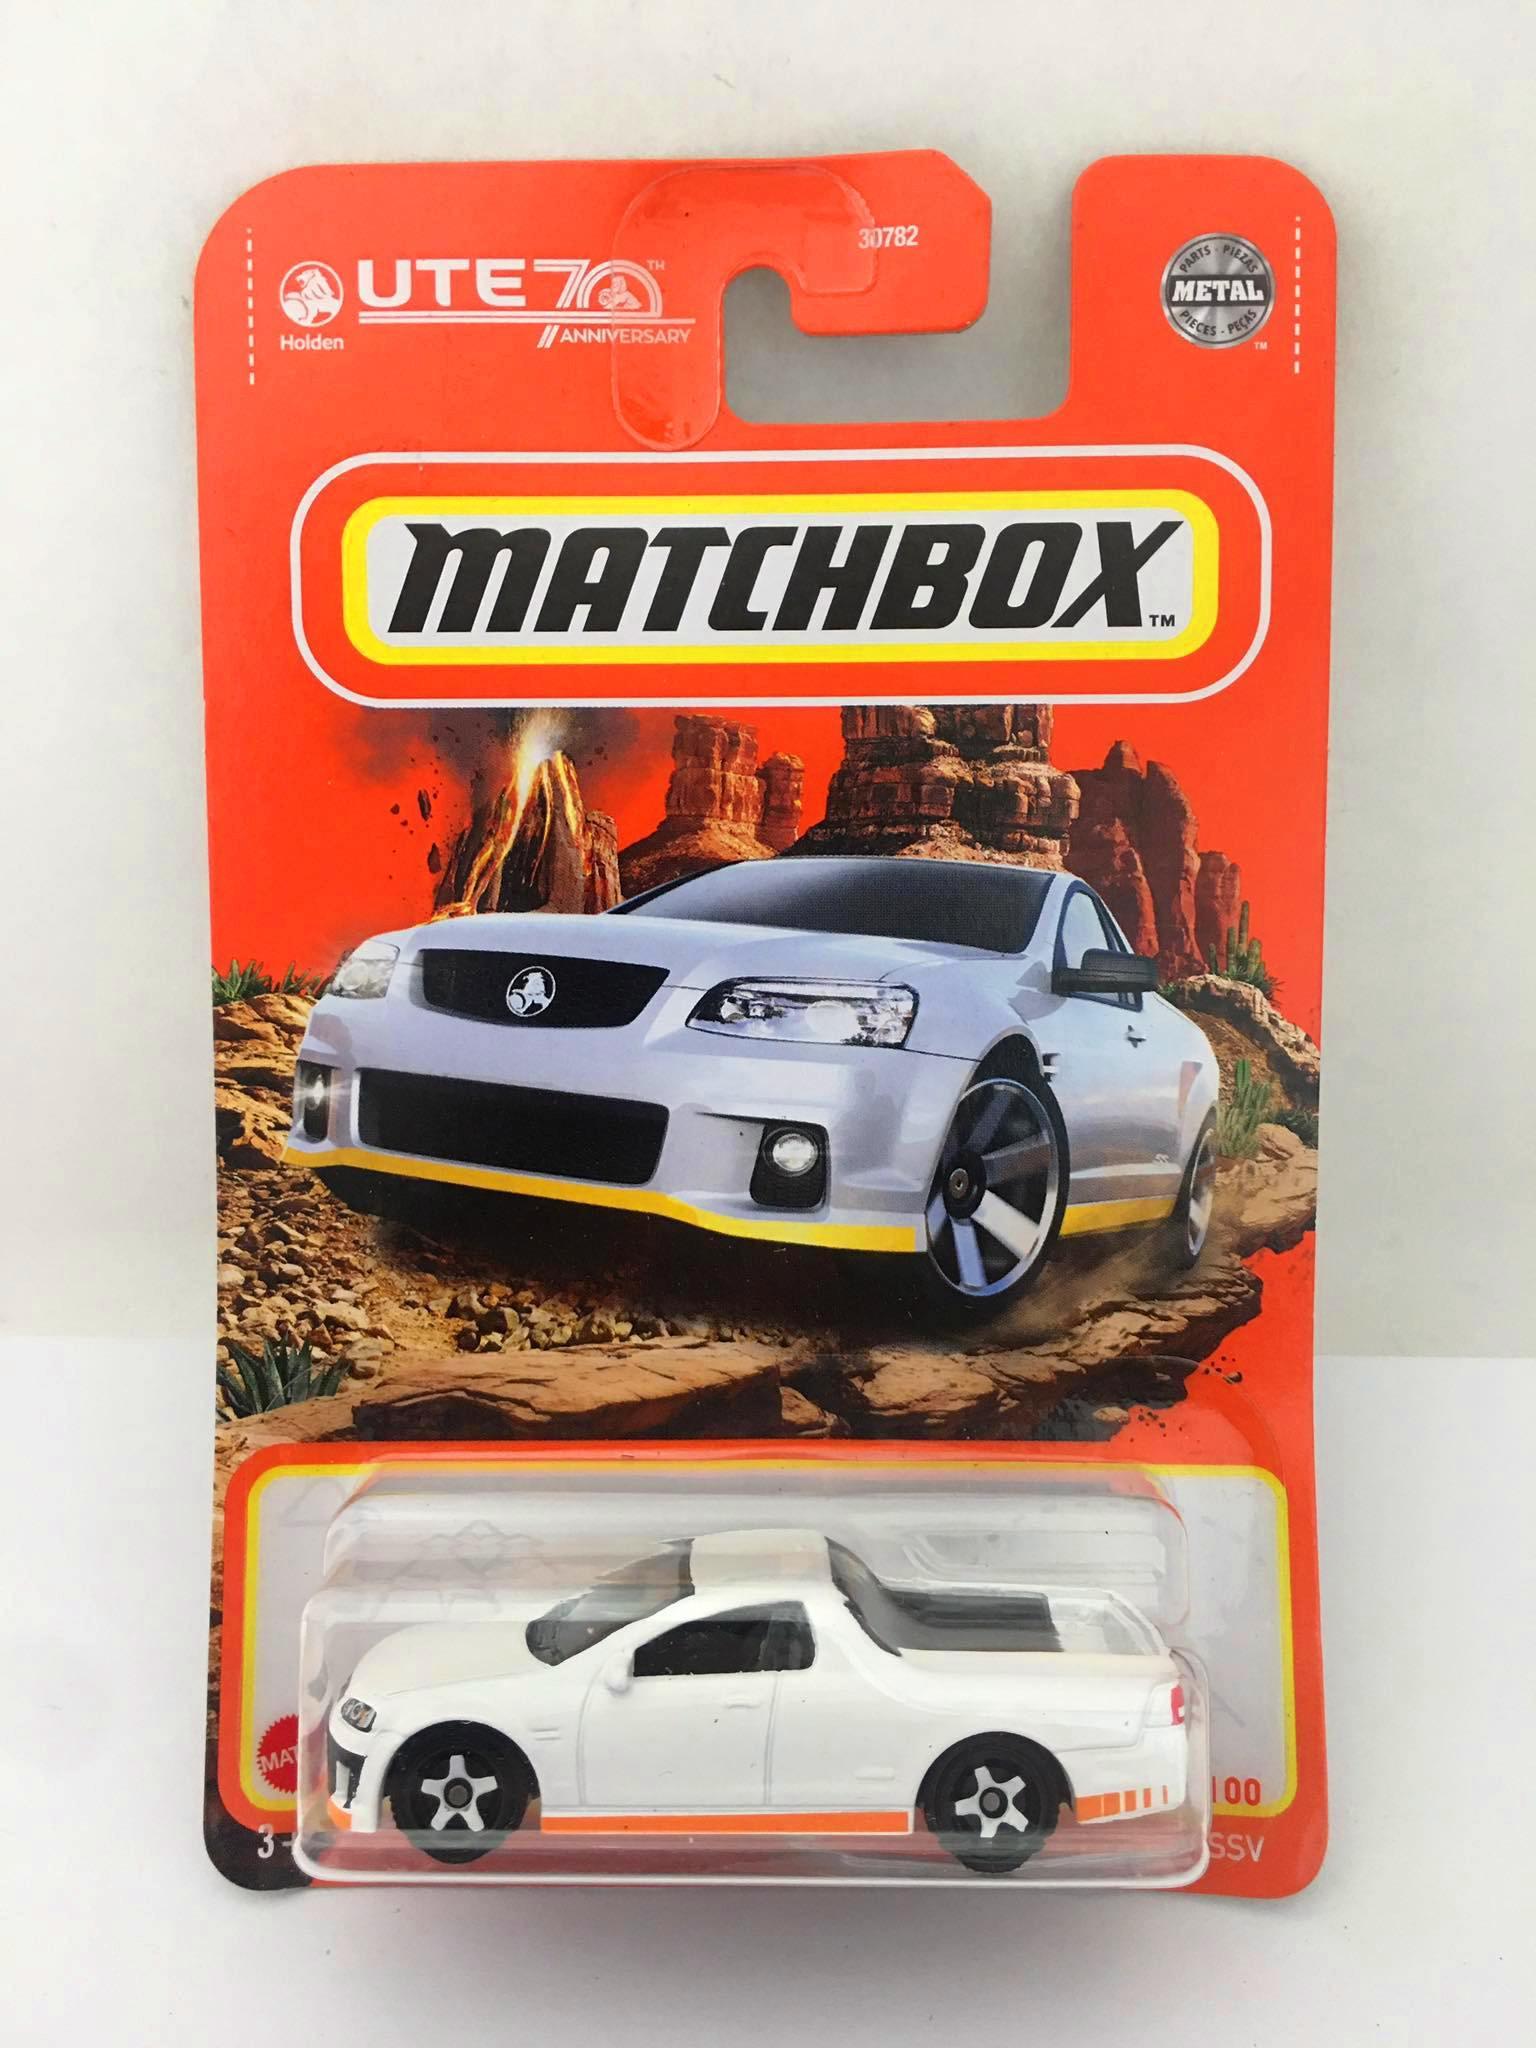 Matchbox - 2008 Holden VE UTE SSV Branco - Básico 2021